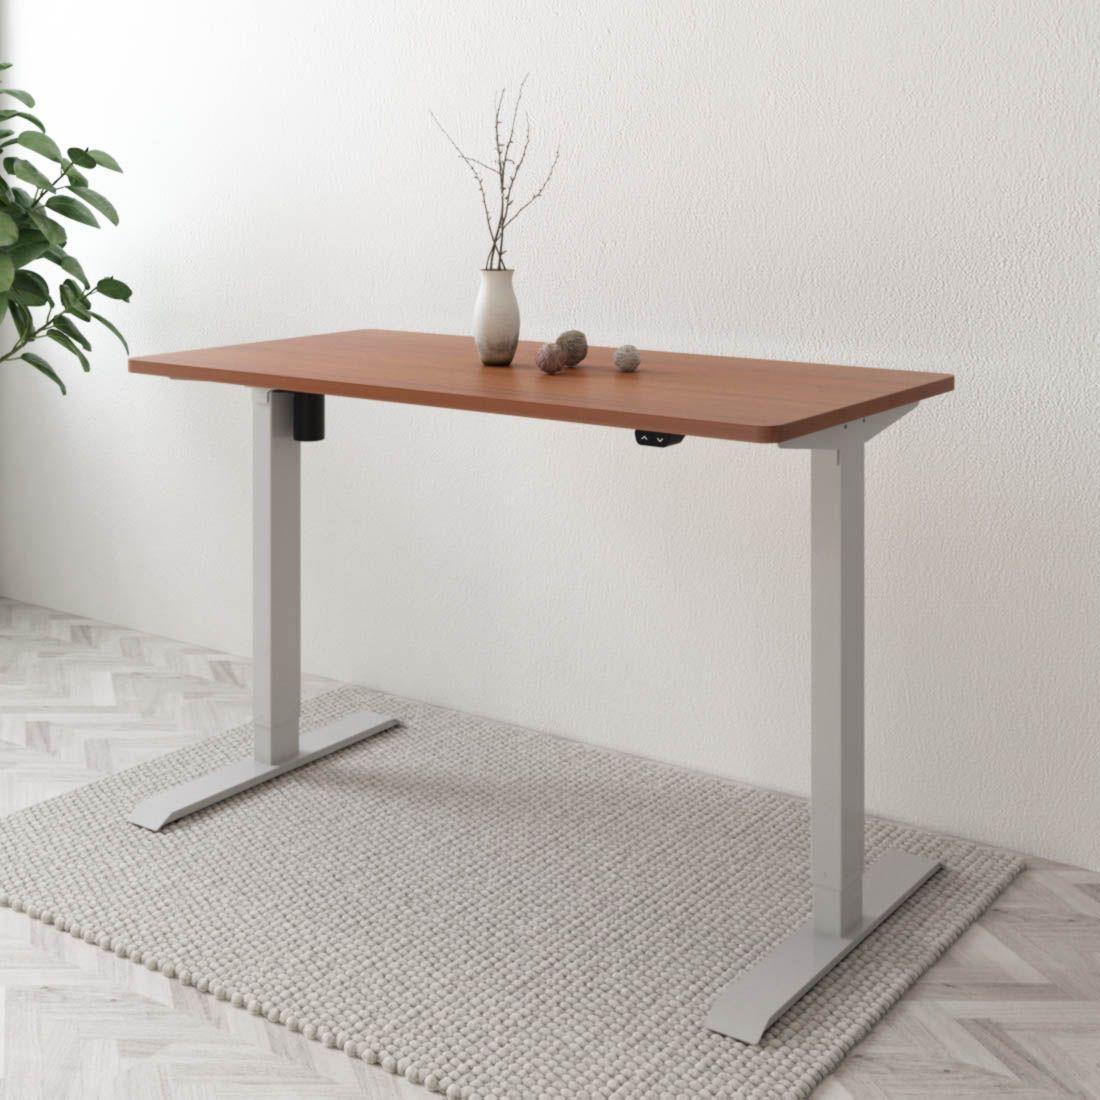 Höhenverstellbarer Schreibtisch mit 55€ Rabatt